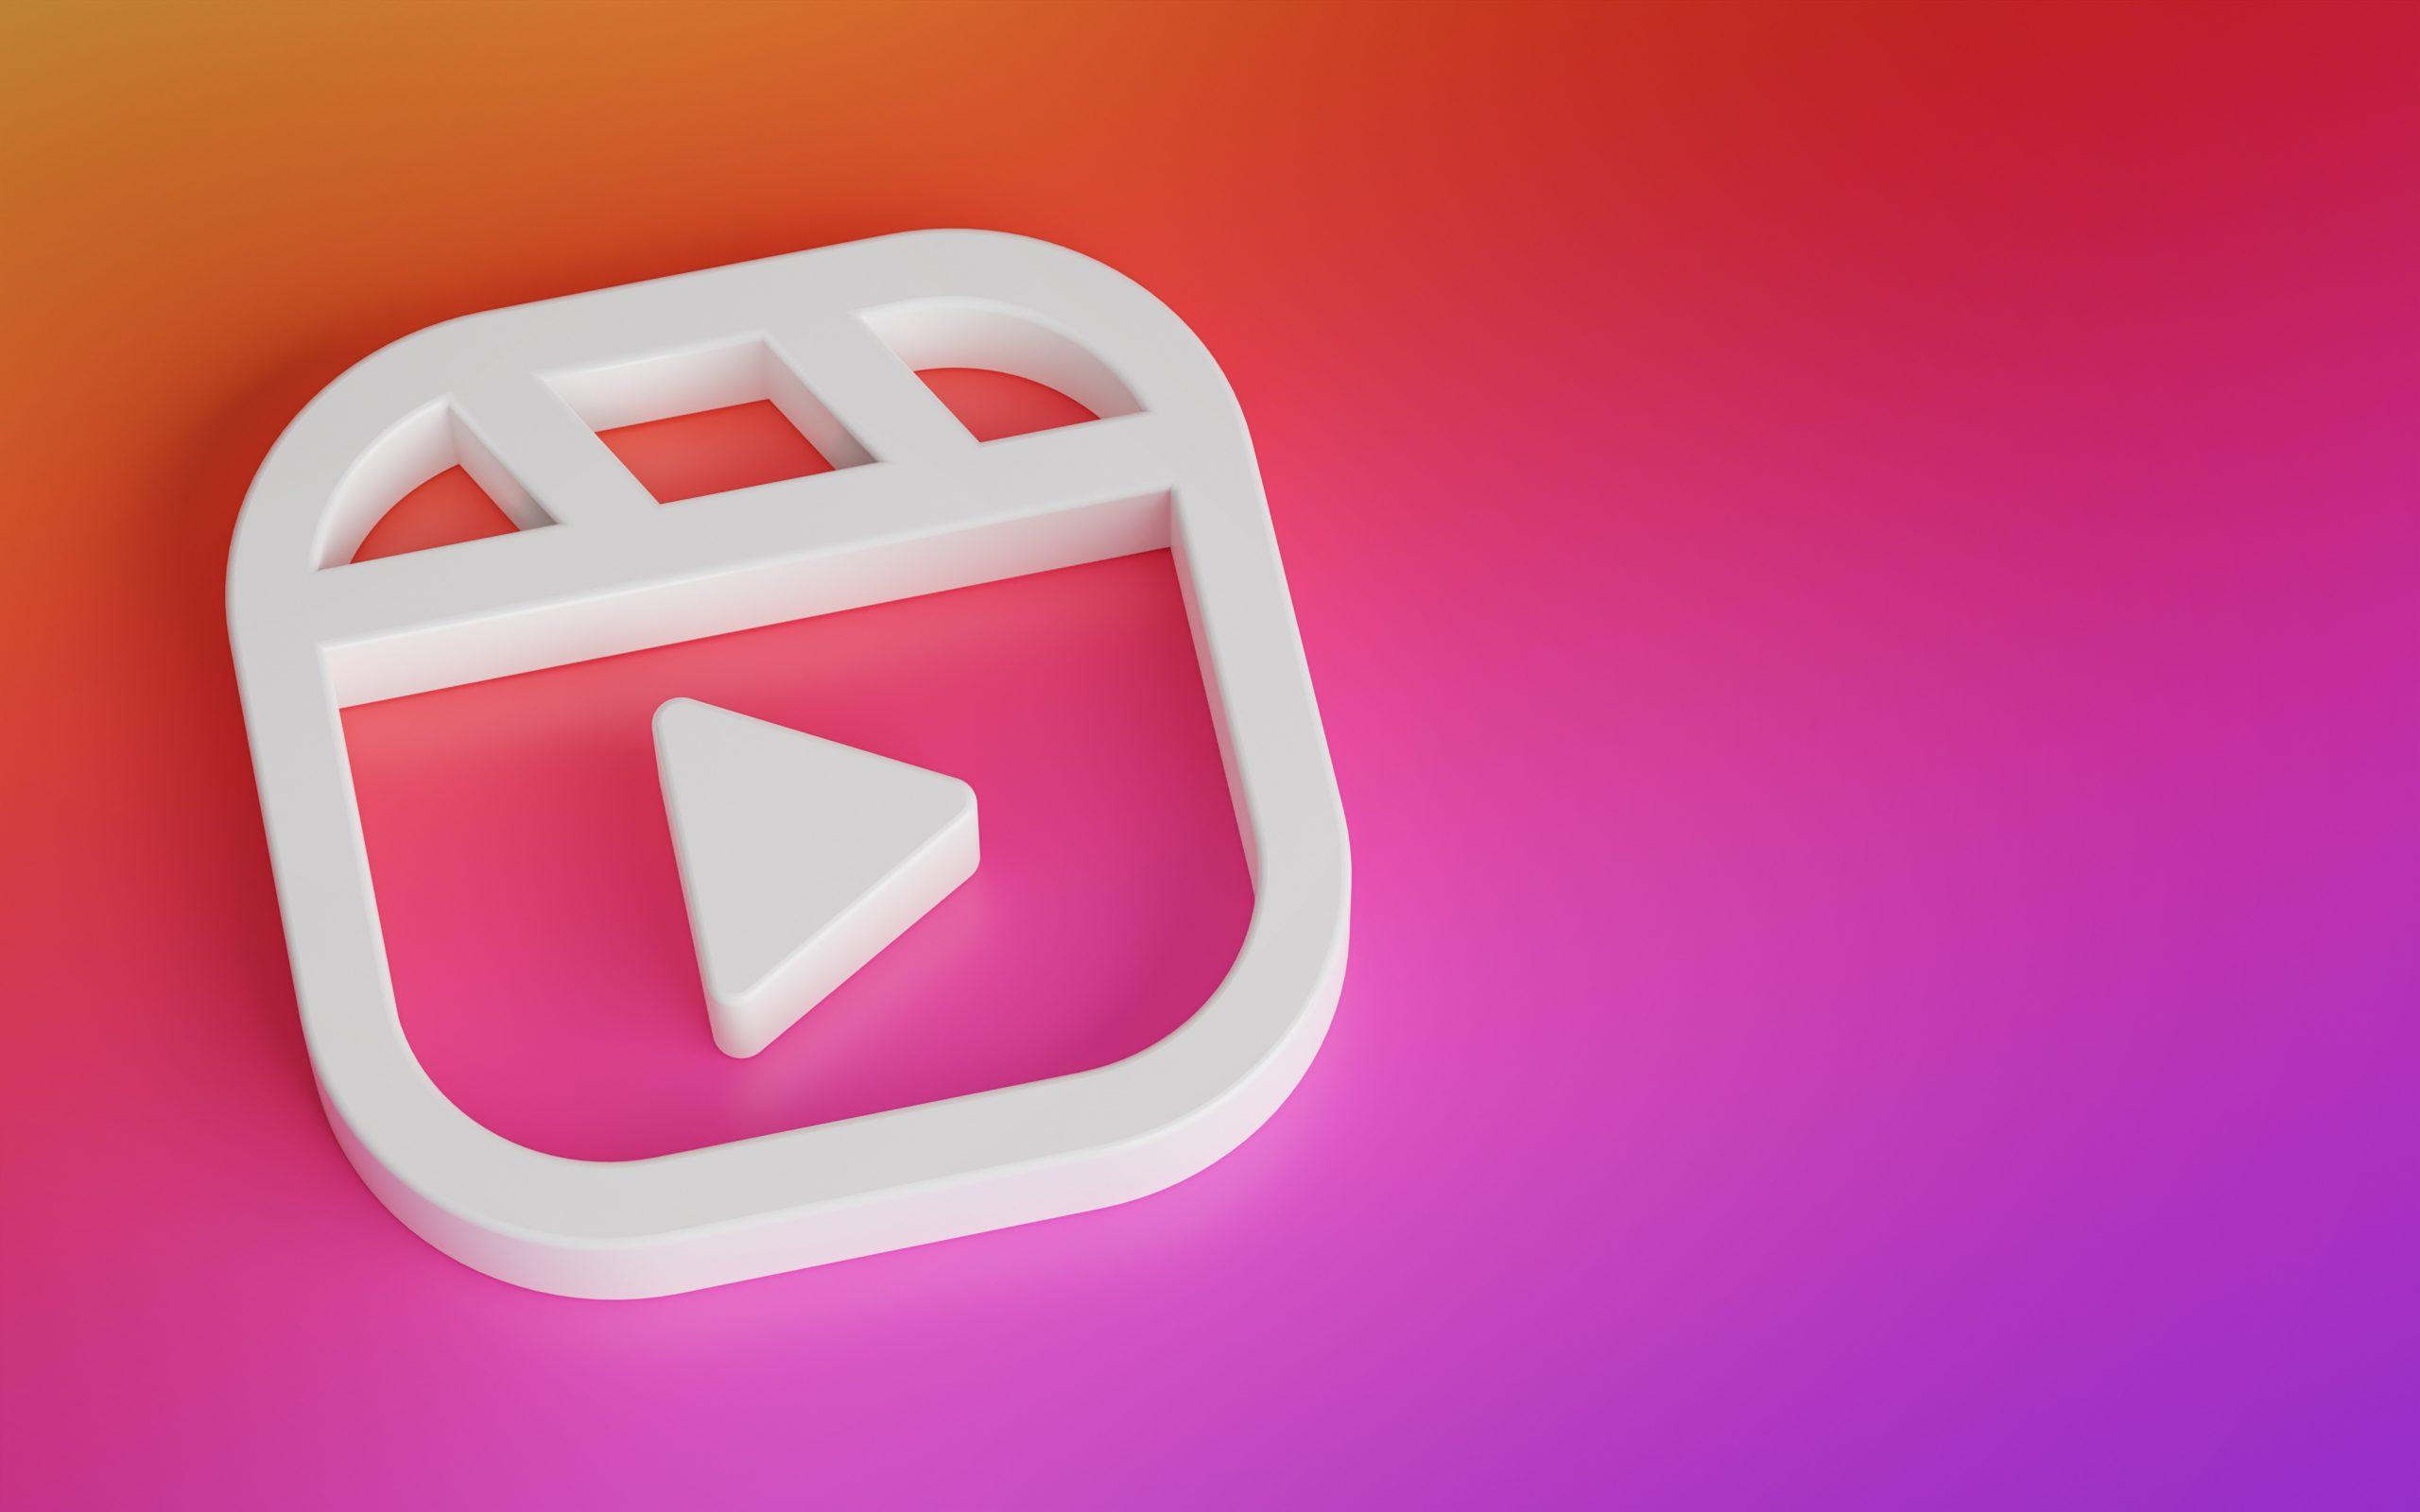 Jetzt auch in Reels und IGTV: Instagram weitet Shopping-Funktion aus